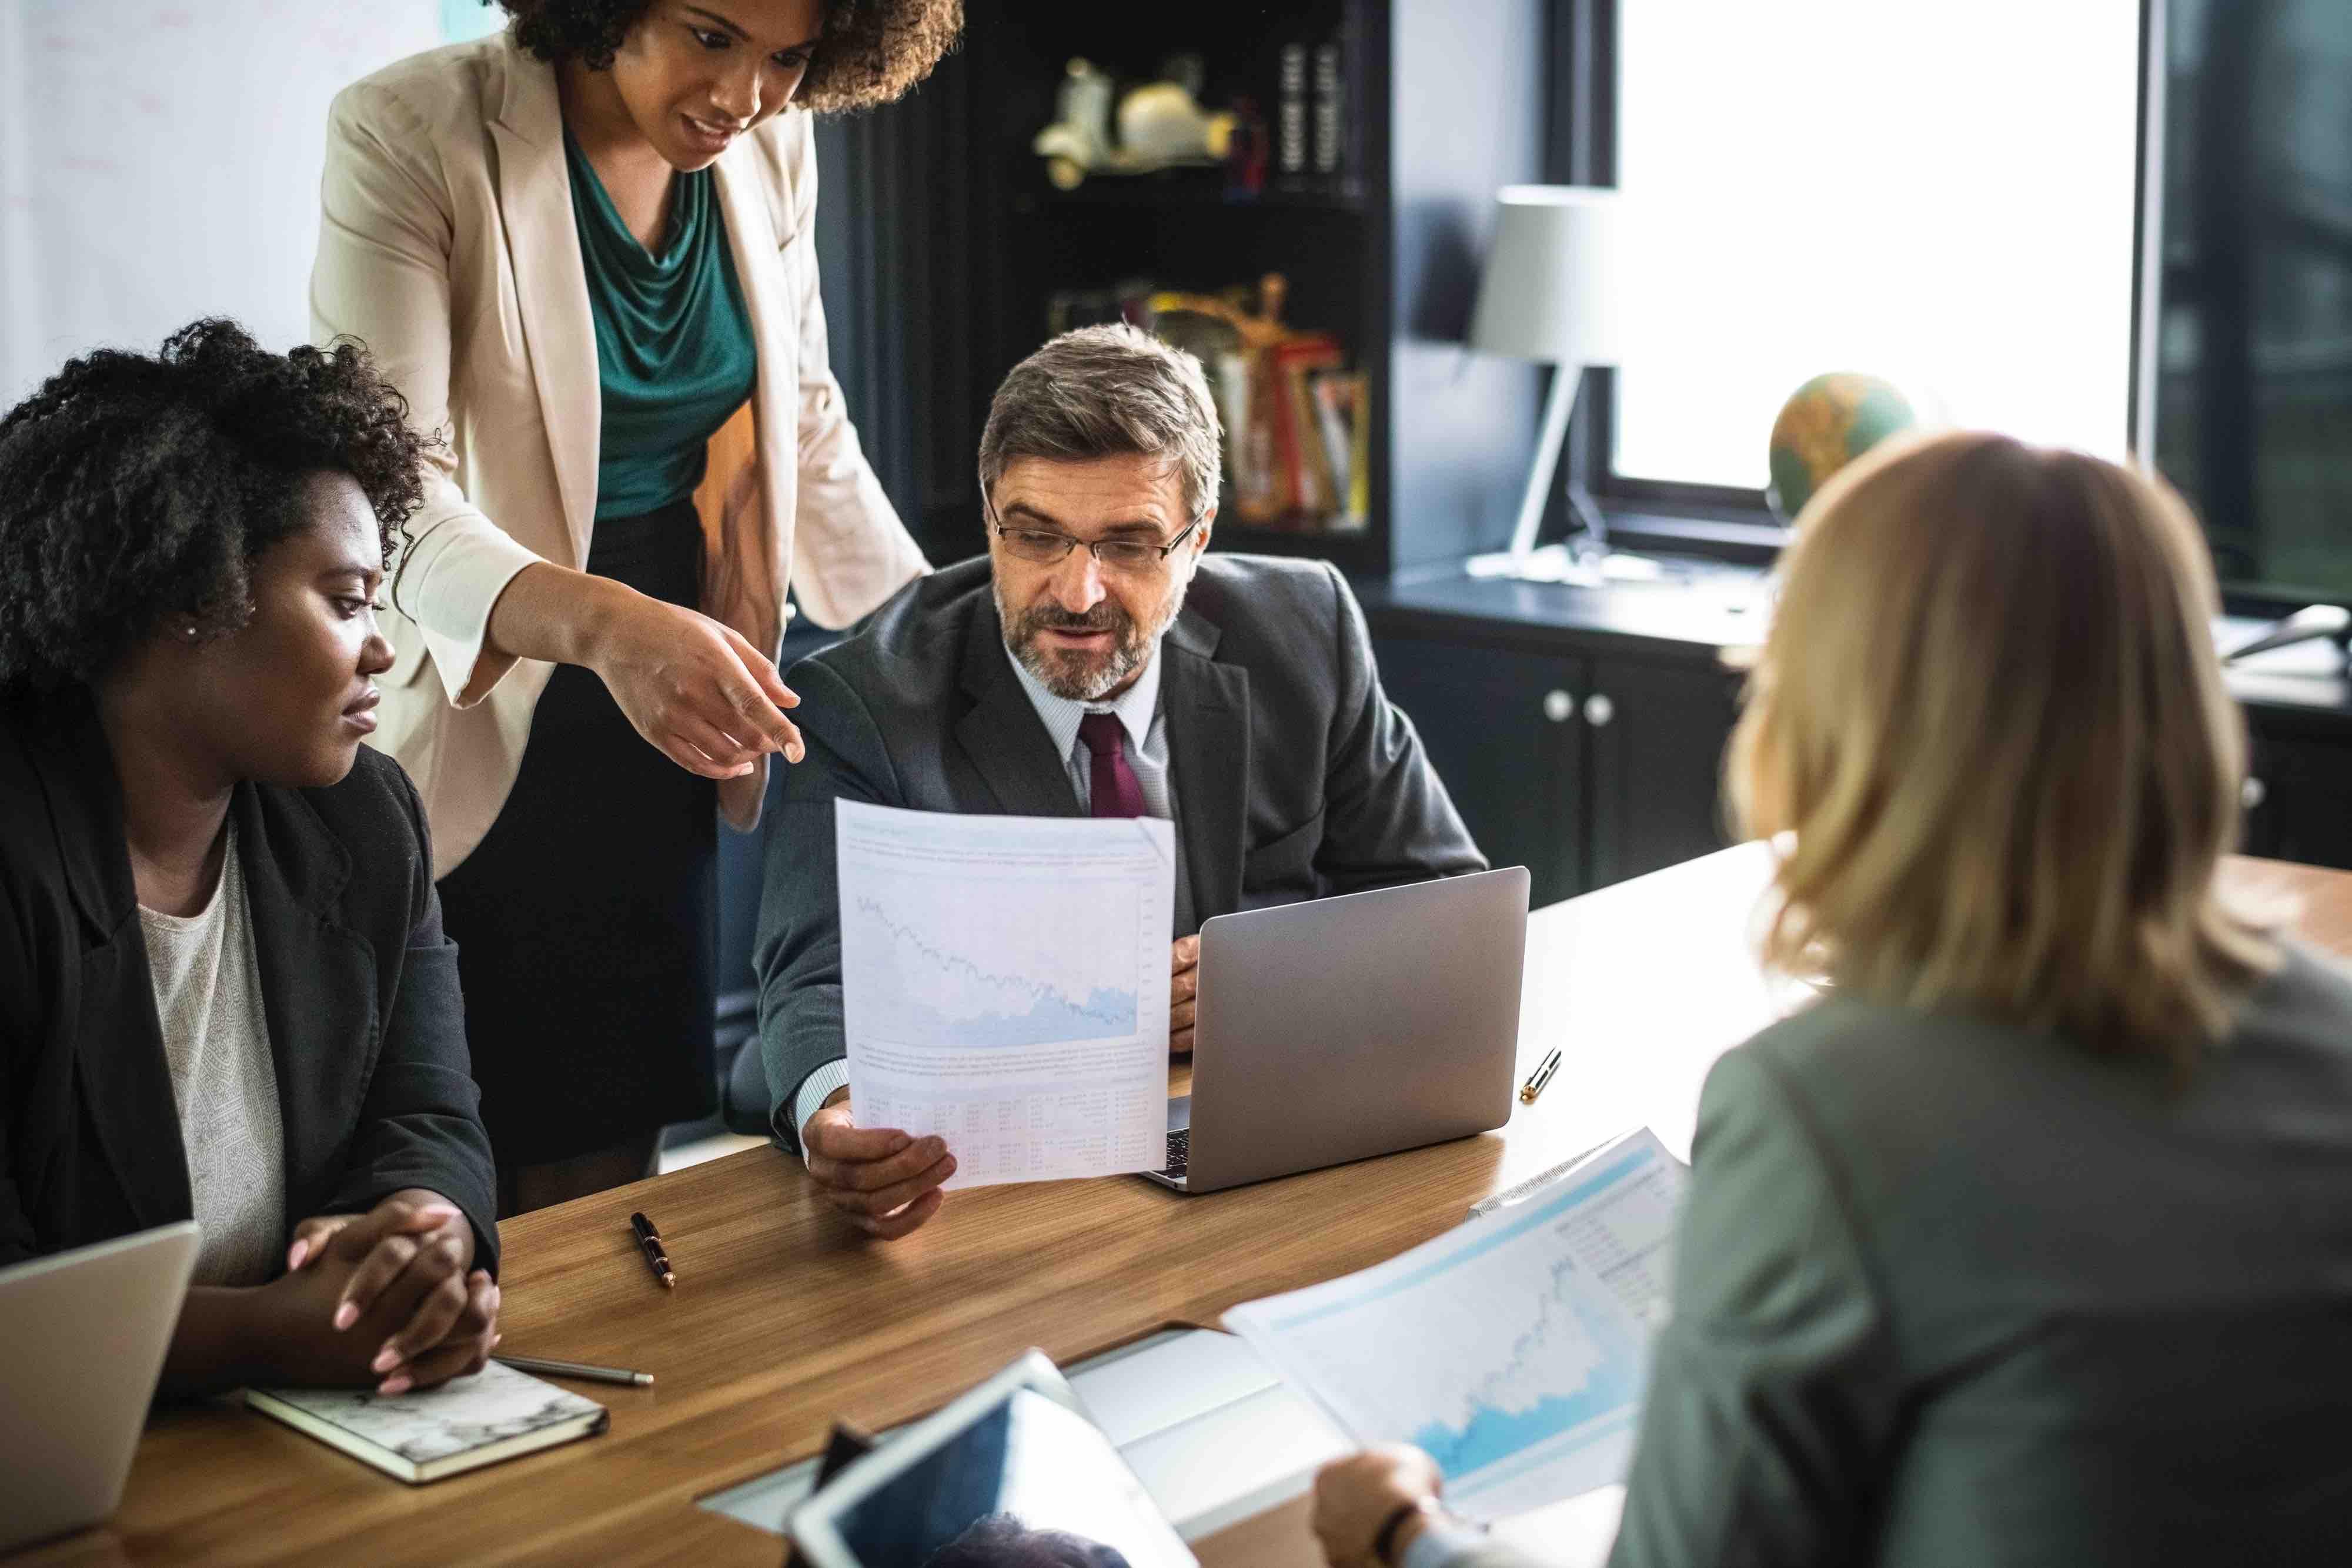 7 deadly sins of meetings